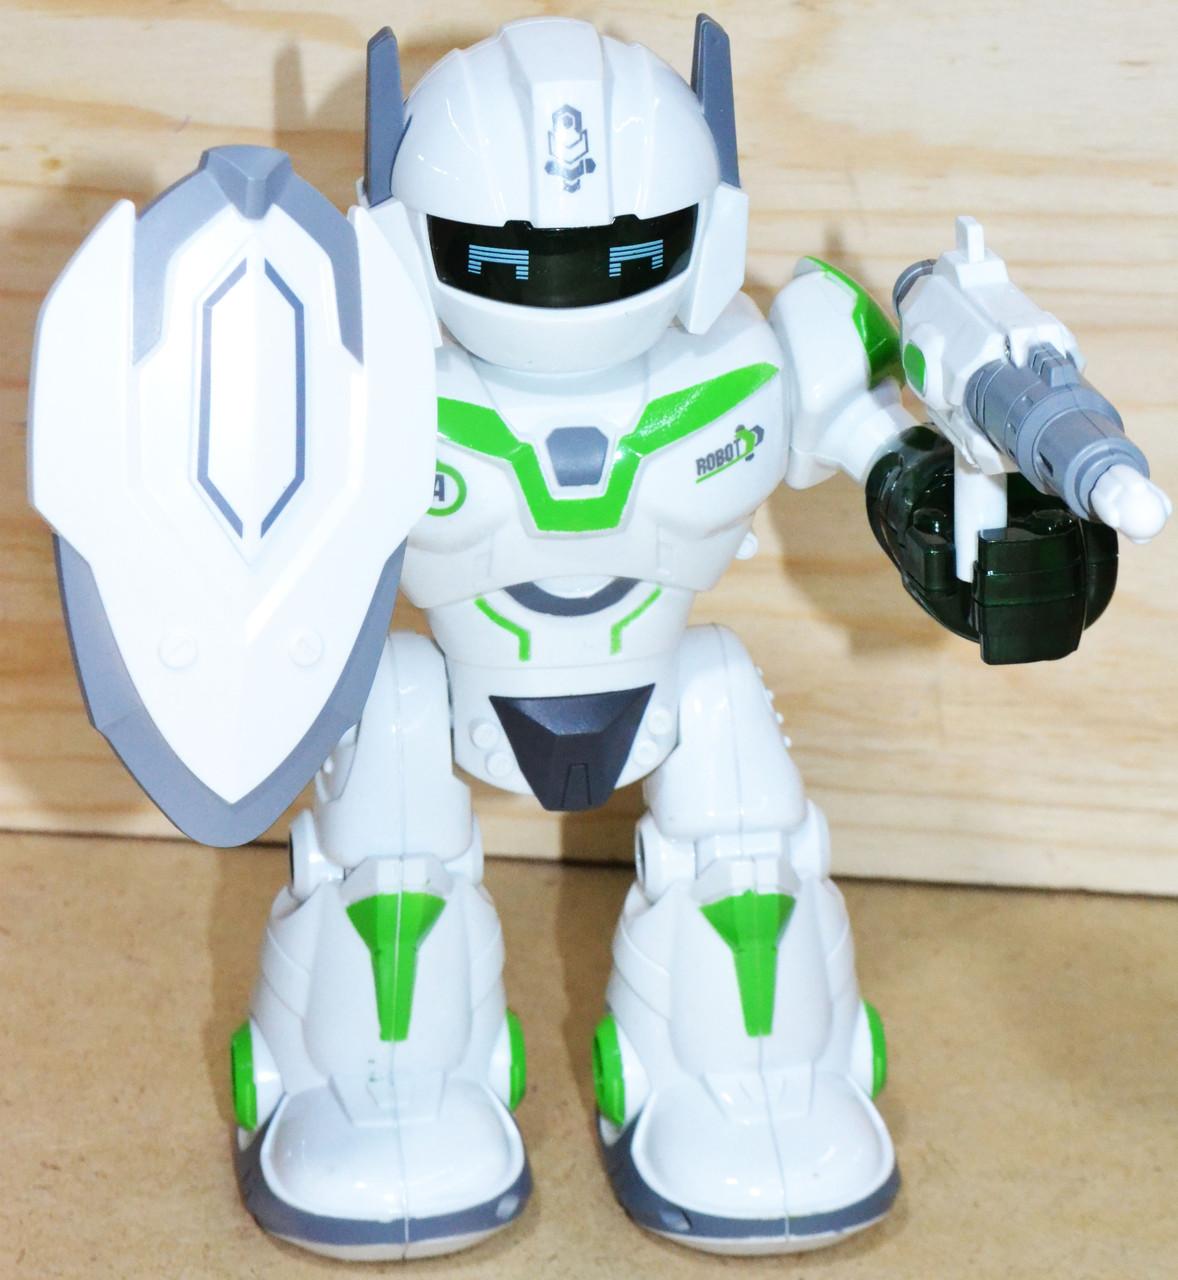 605 Coolman Робот защитник (звук, свет) 24*23см